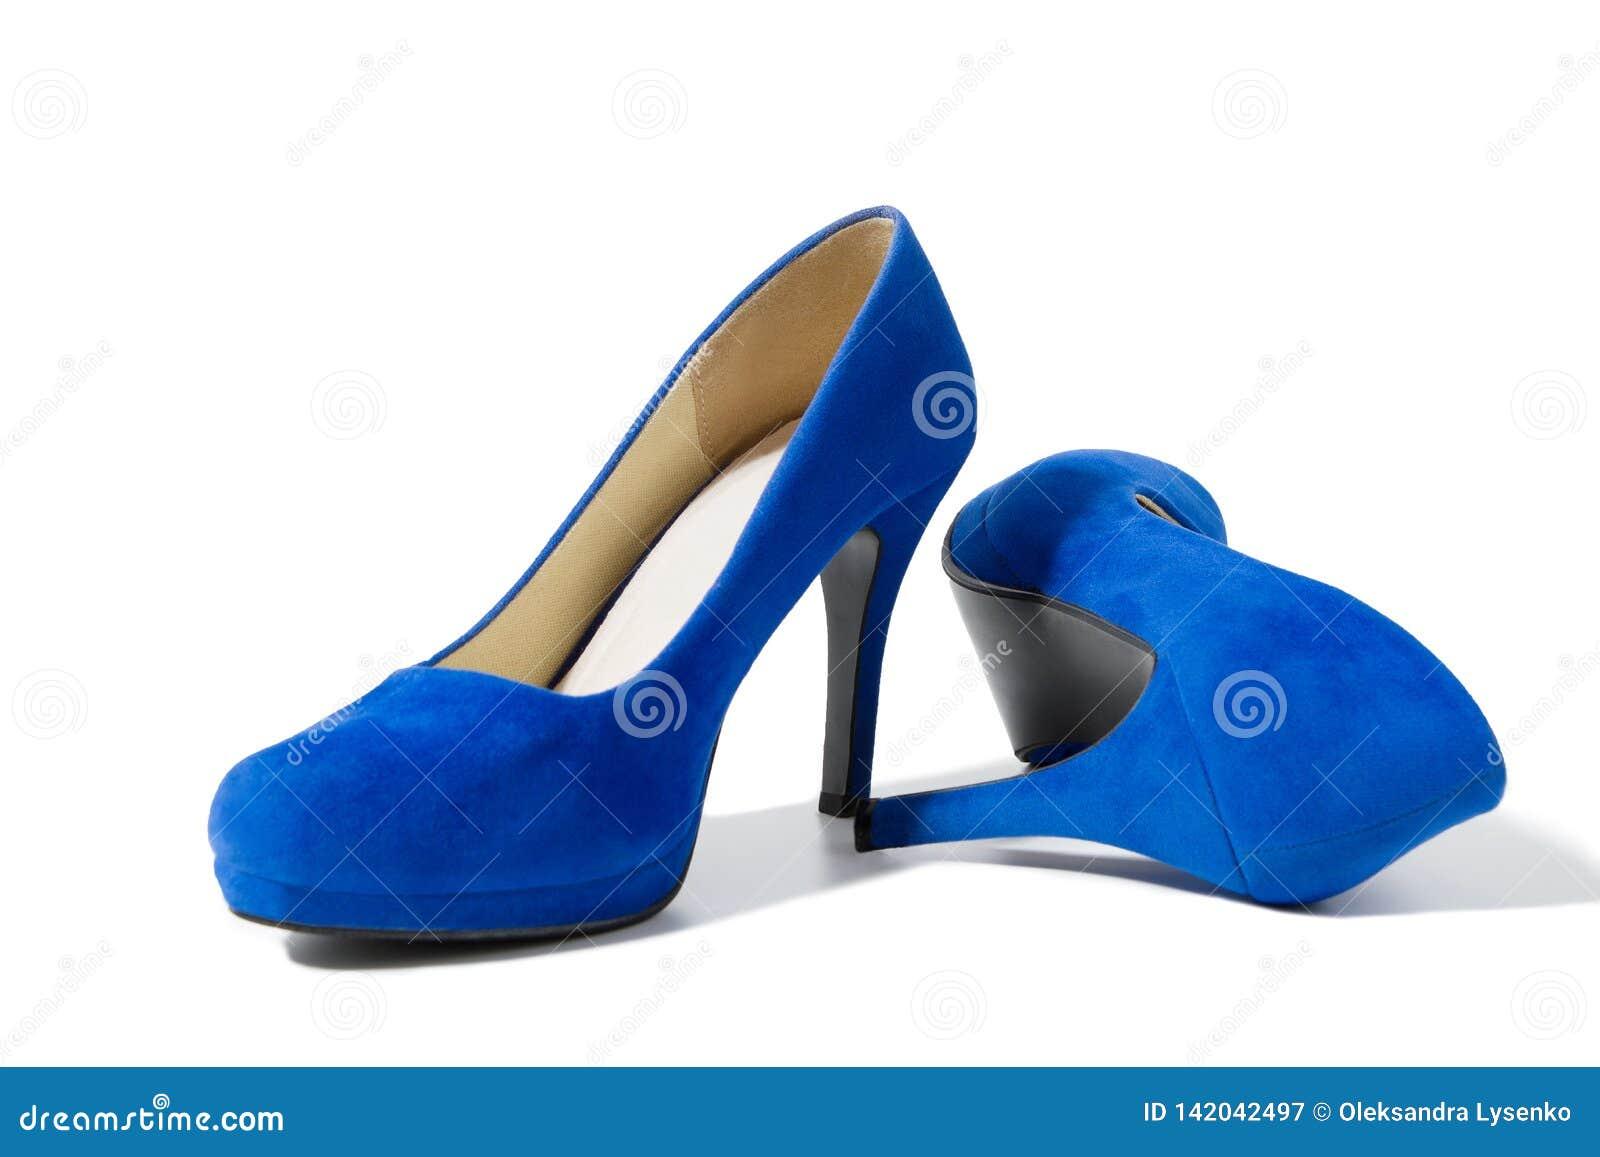 ce22c1978f2e Primer De Los Zapatos De Moda De Los Tacones Altos Aislados En El ...